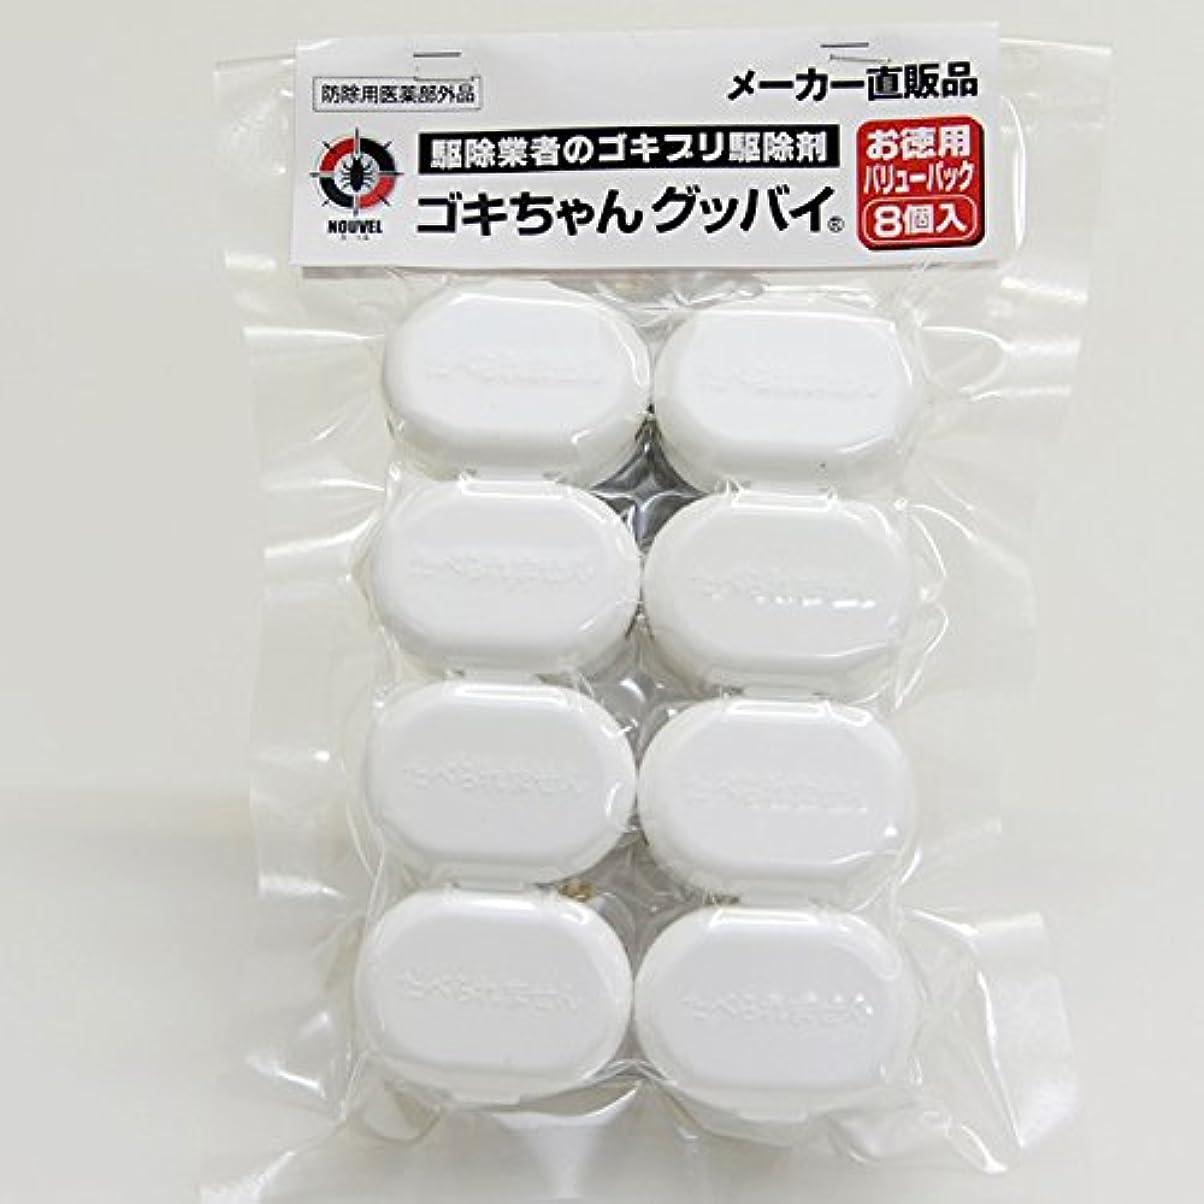 ストリーム浴室不安【メーカー直販品】ゴキちゃんグッバイ お徳用8P